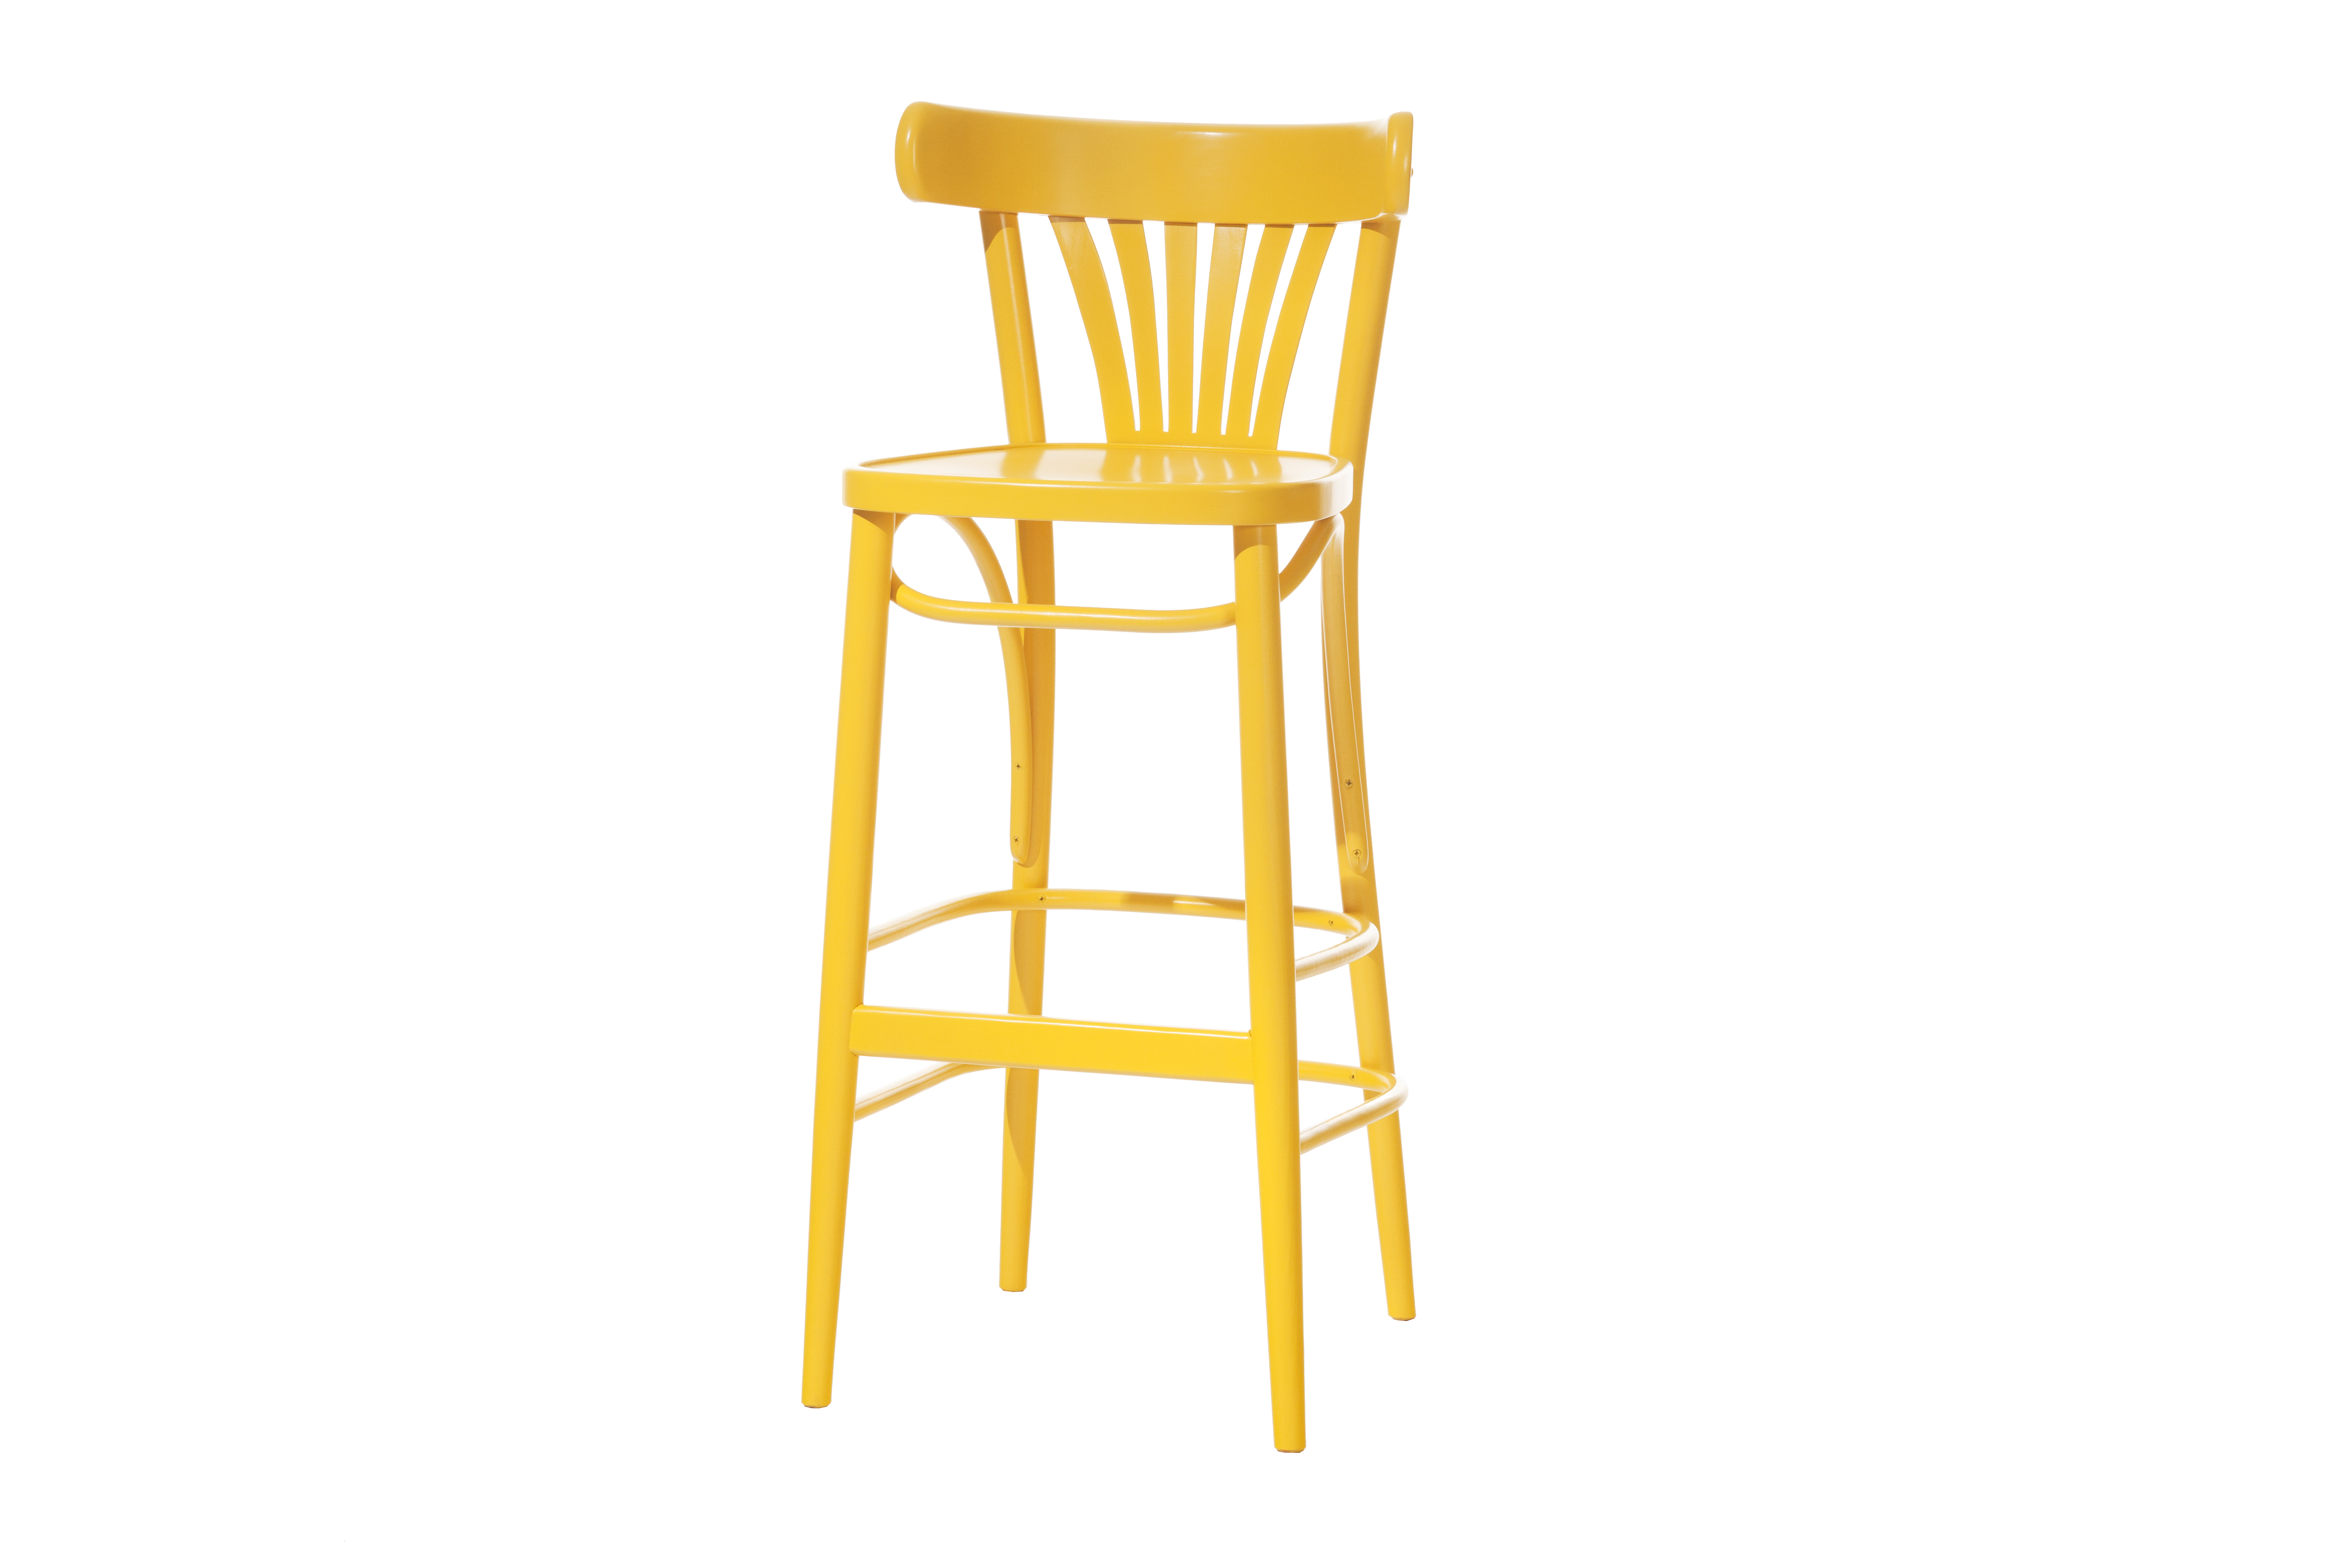 Scaun de bar din lemn de fag 56 Yellow l445xA47xH104 cm